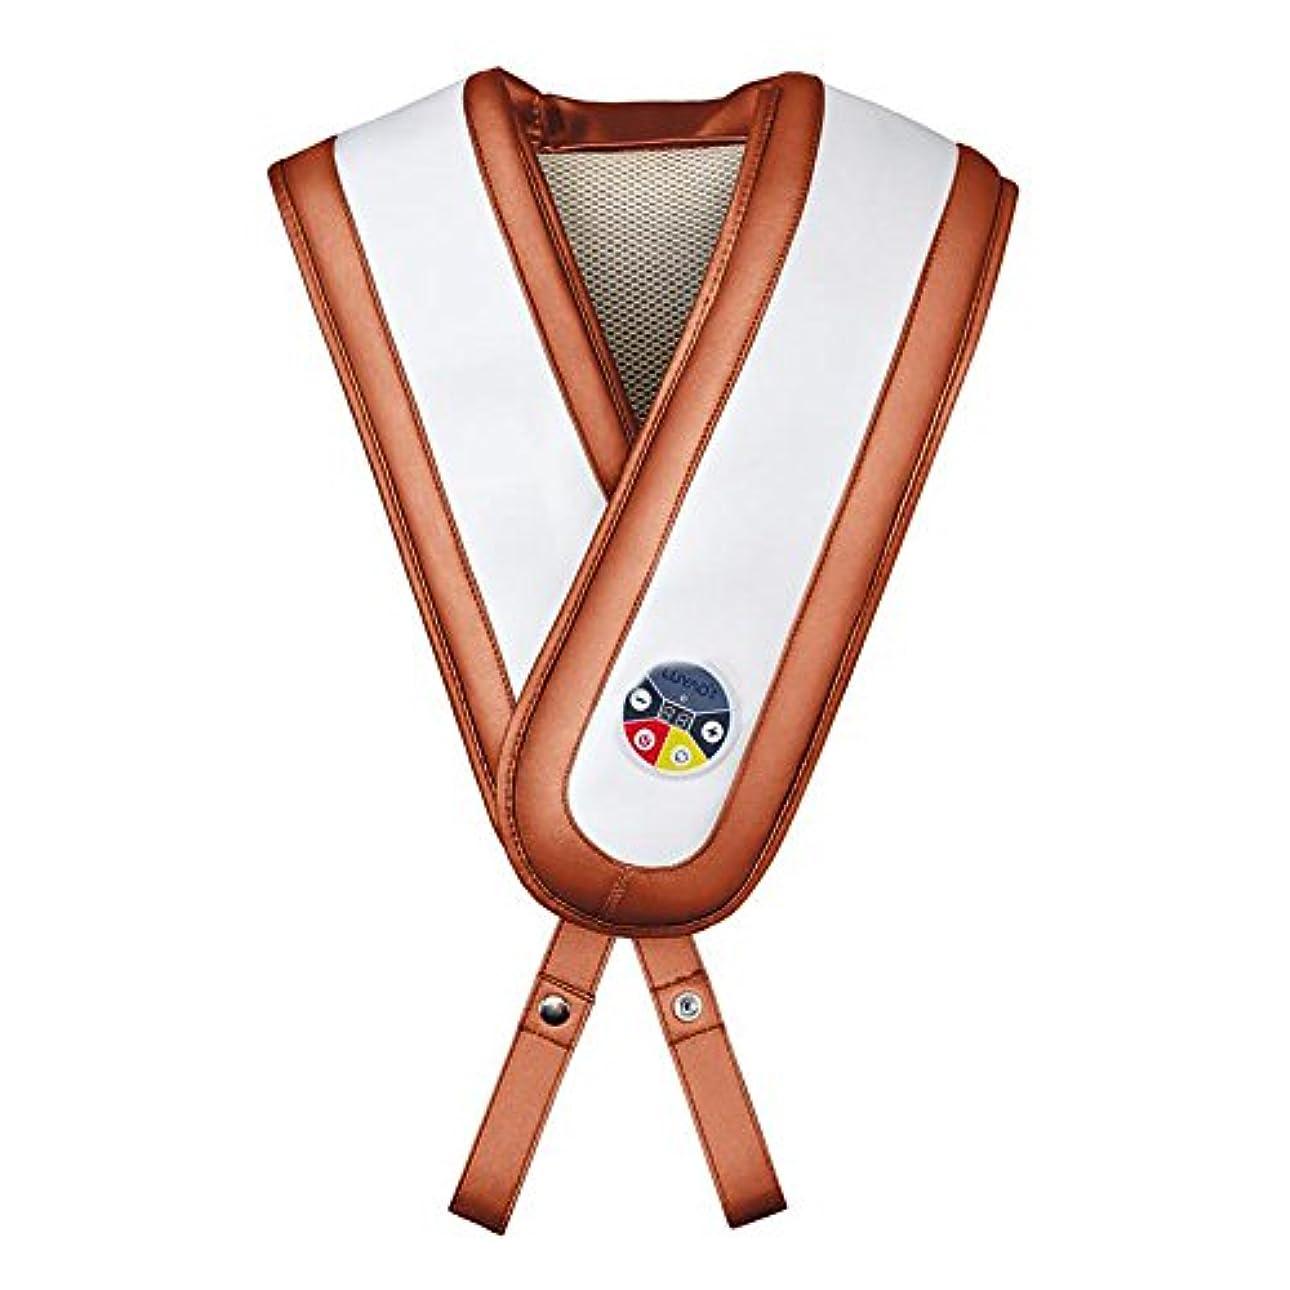 HAIZHEN マッサージチェア 肩と首は、肩の首の肩のマッサージのショールを打つウエストの首と肩のハンマー